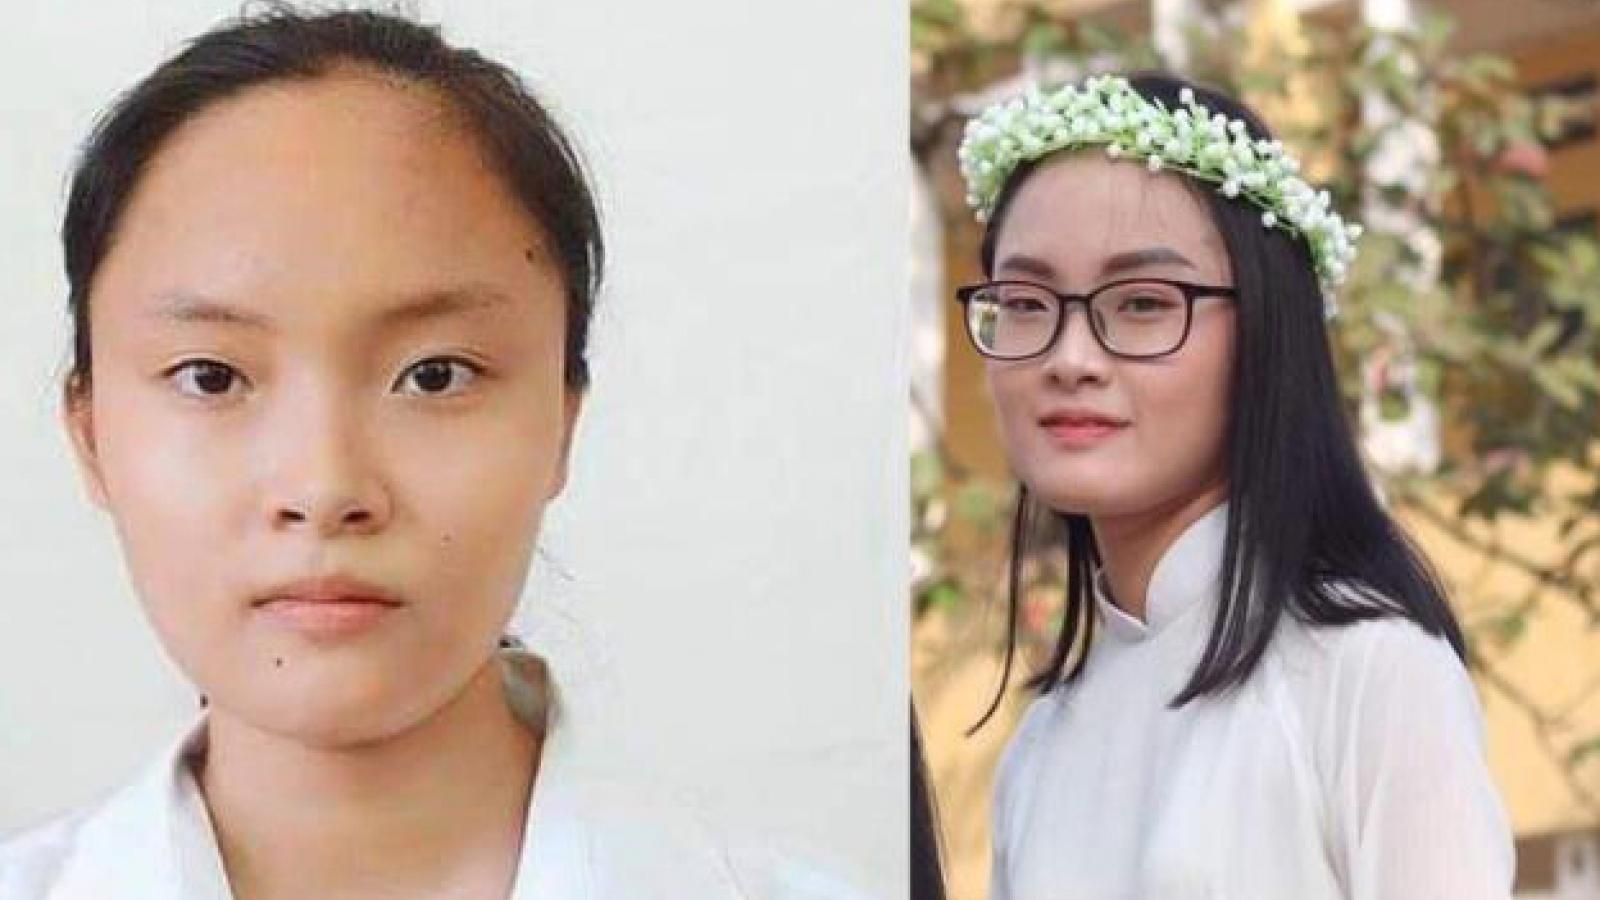 Nữ sinh viên năm thứ nhất Học viện Ngân hàng mất tích khi đi học về